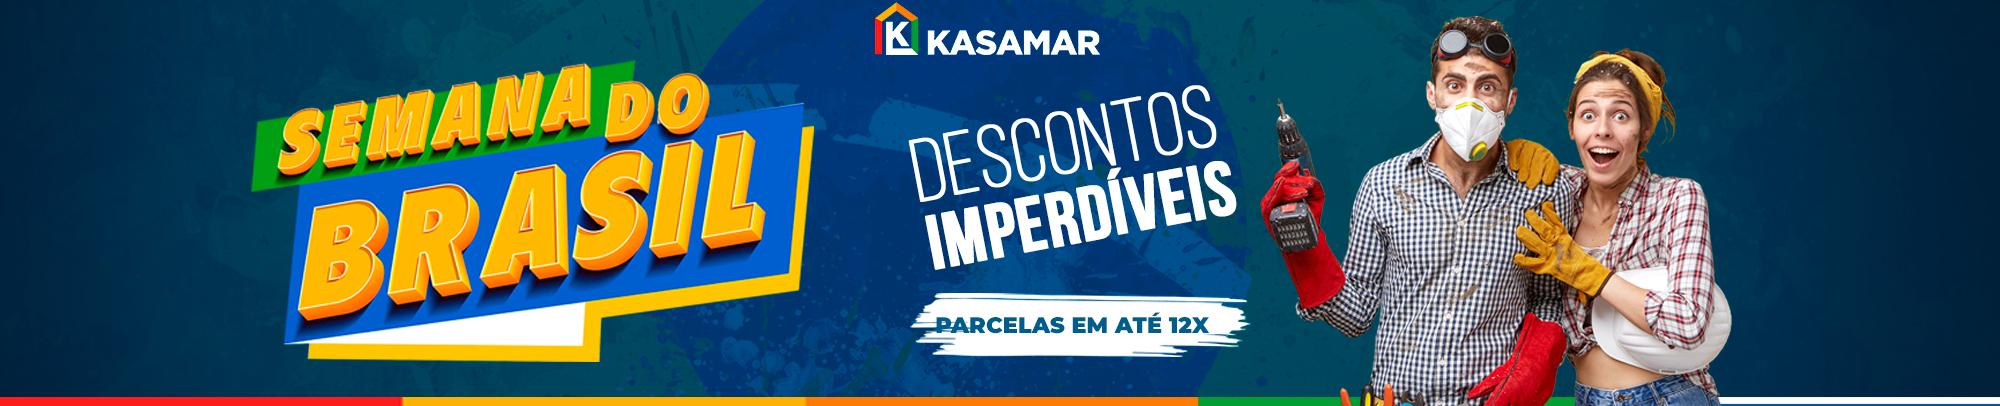 Semana do Brasil 03-09